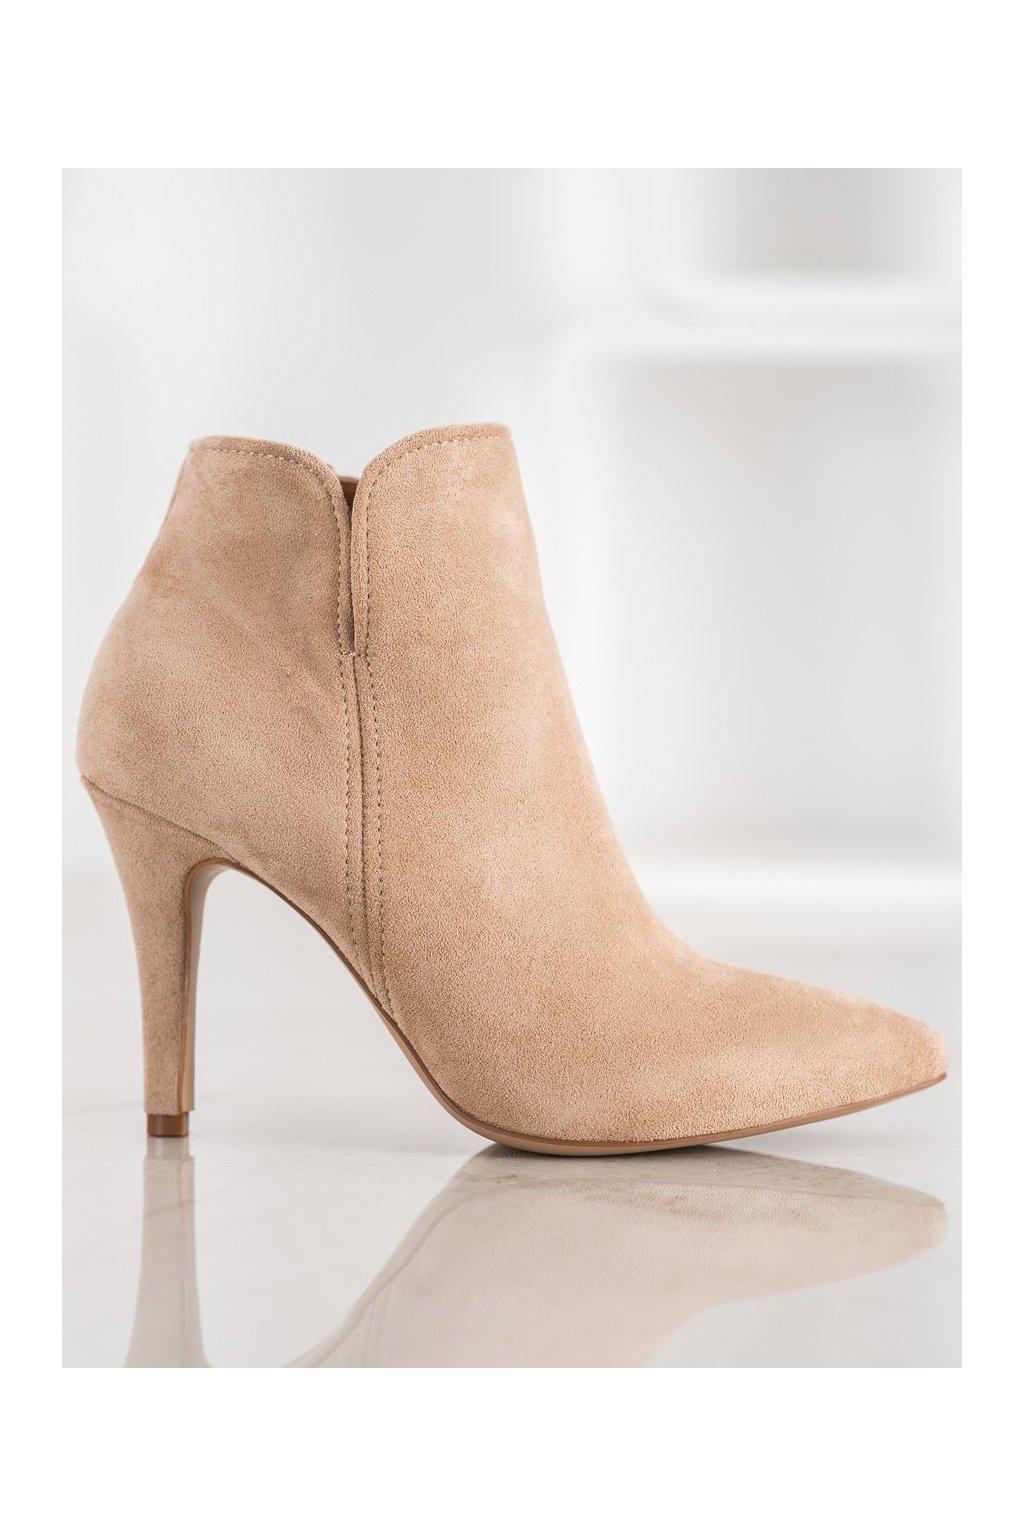 Hnedé topánky NJSK A8503KH